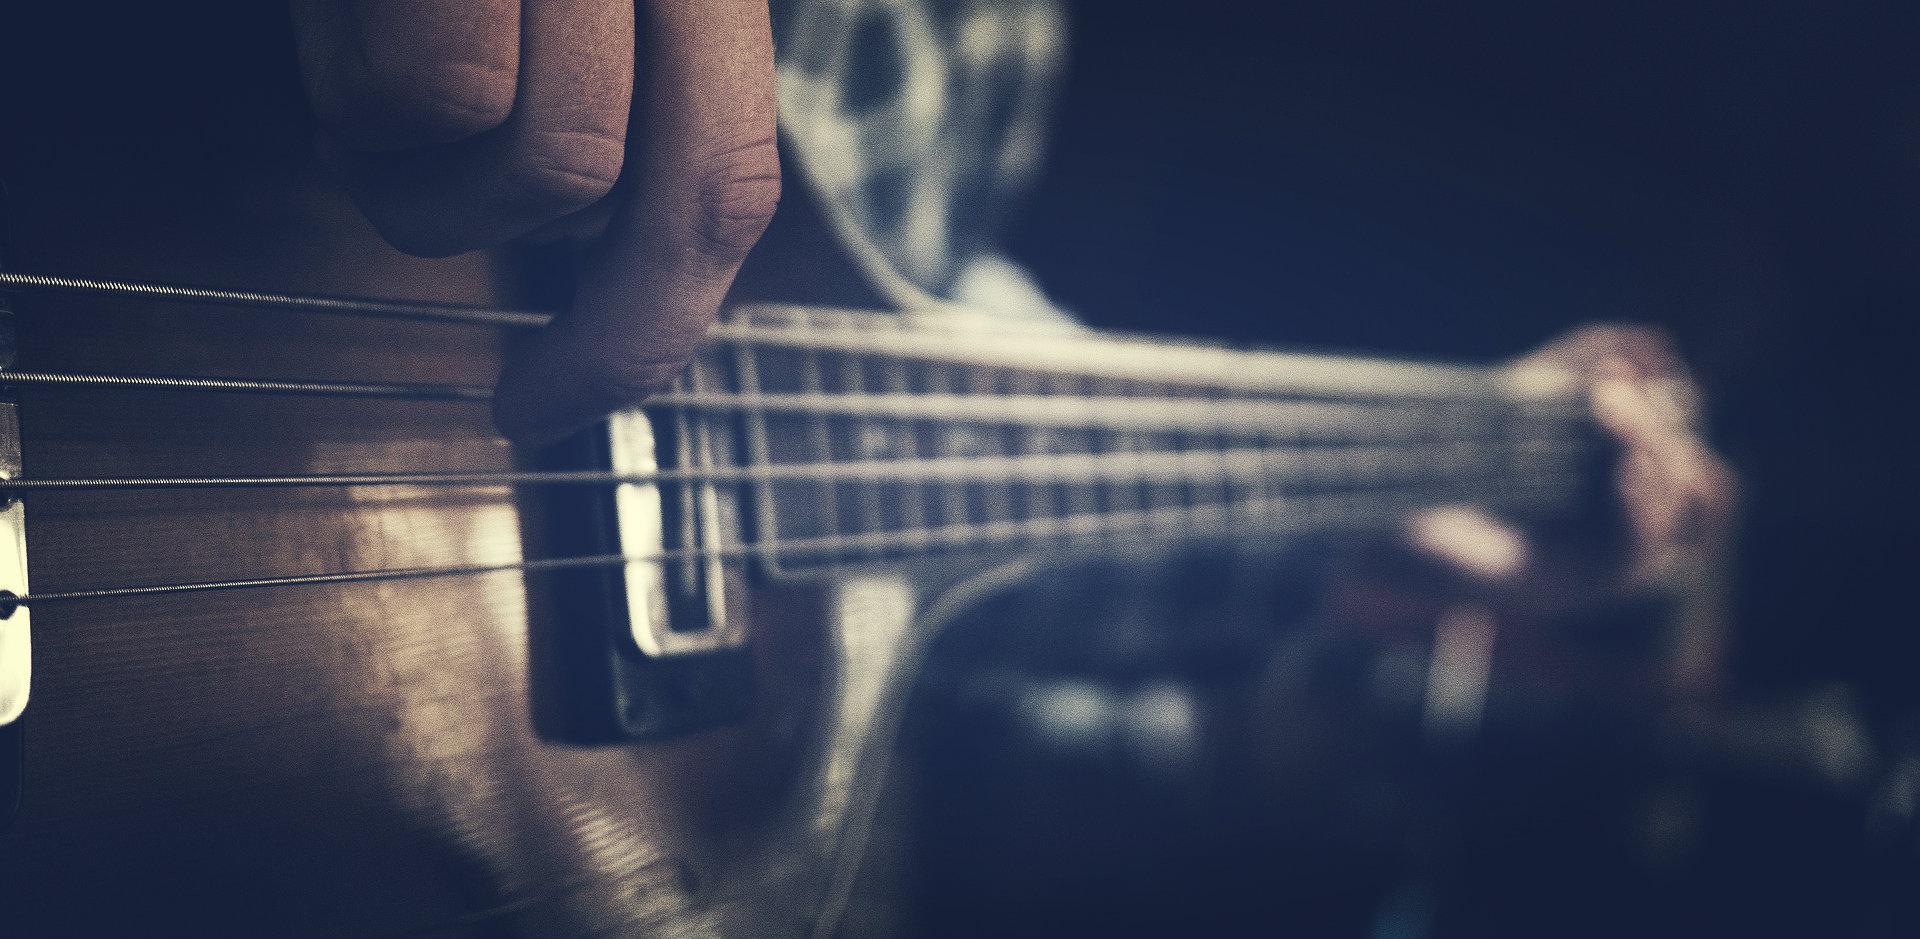 guitar-1837044_1920